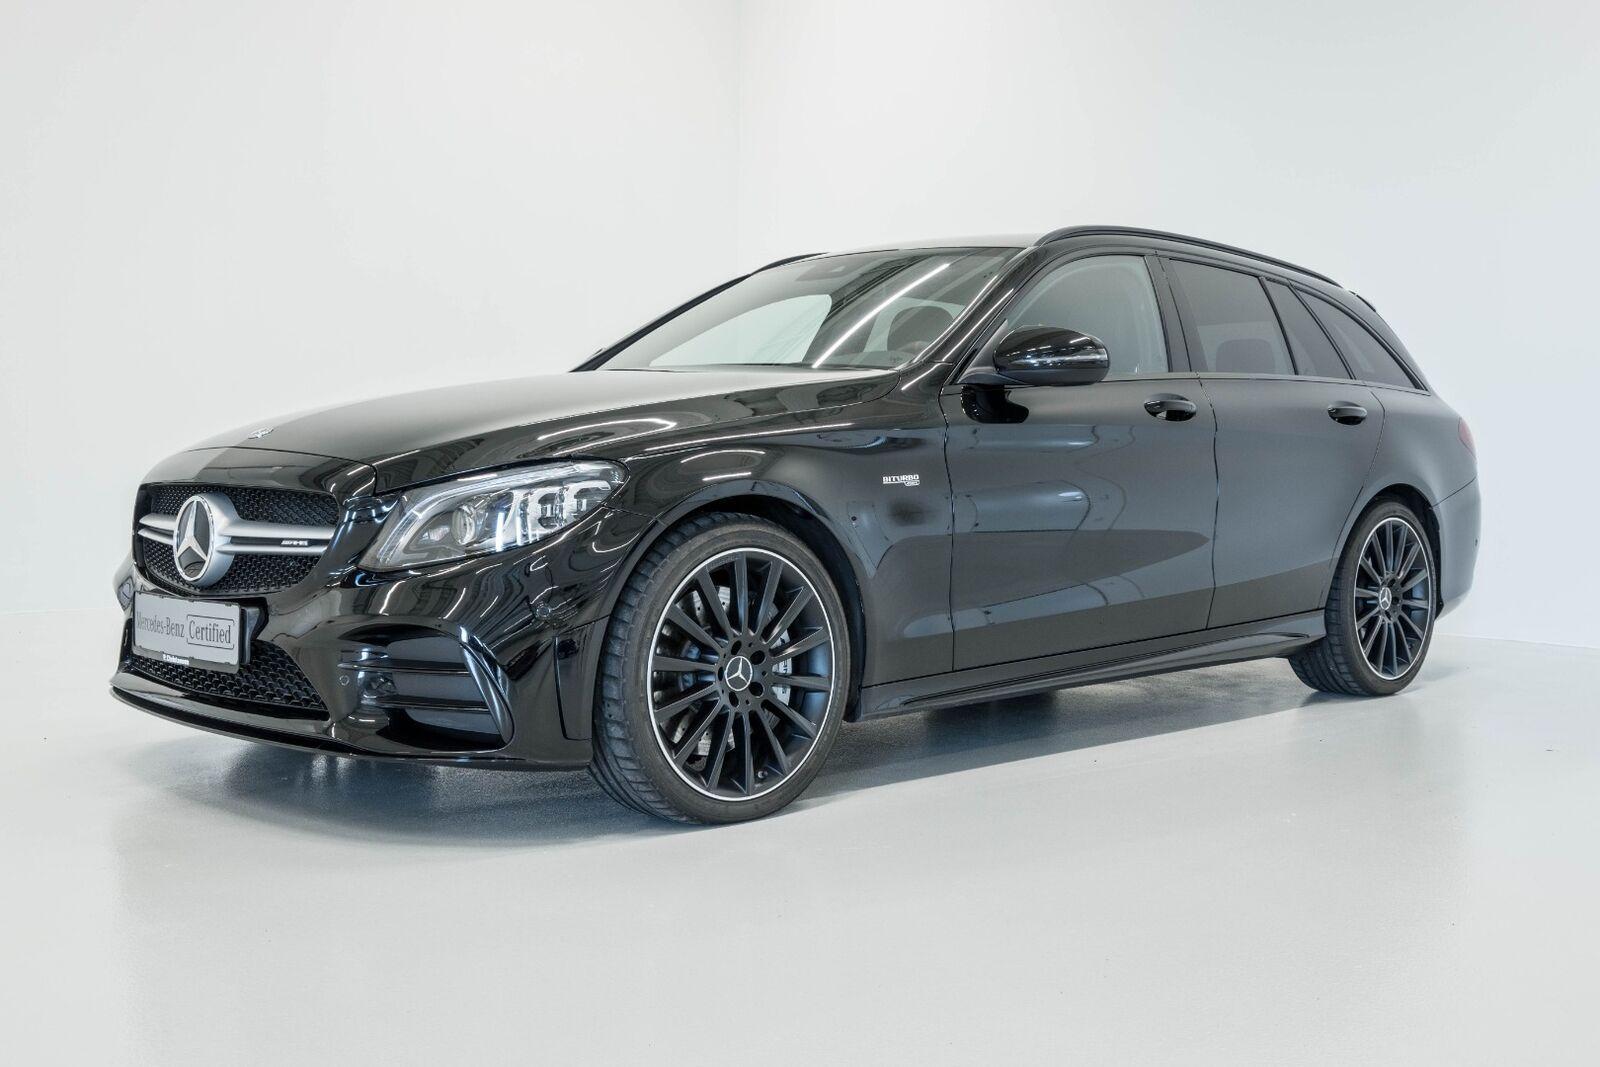 Mercedes C43 3,0 AMG stc. aut. 4-M 5d - 6.612 kr.